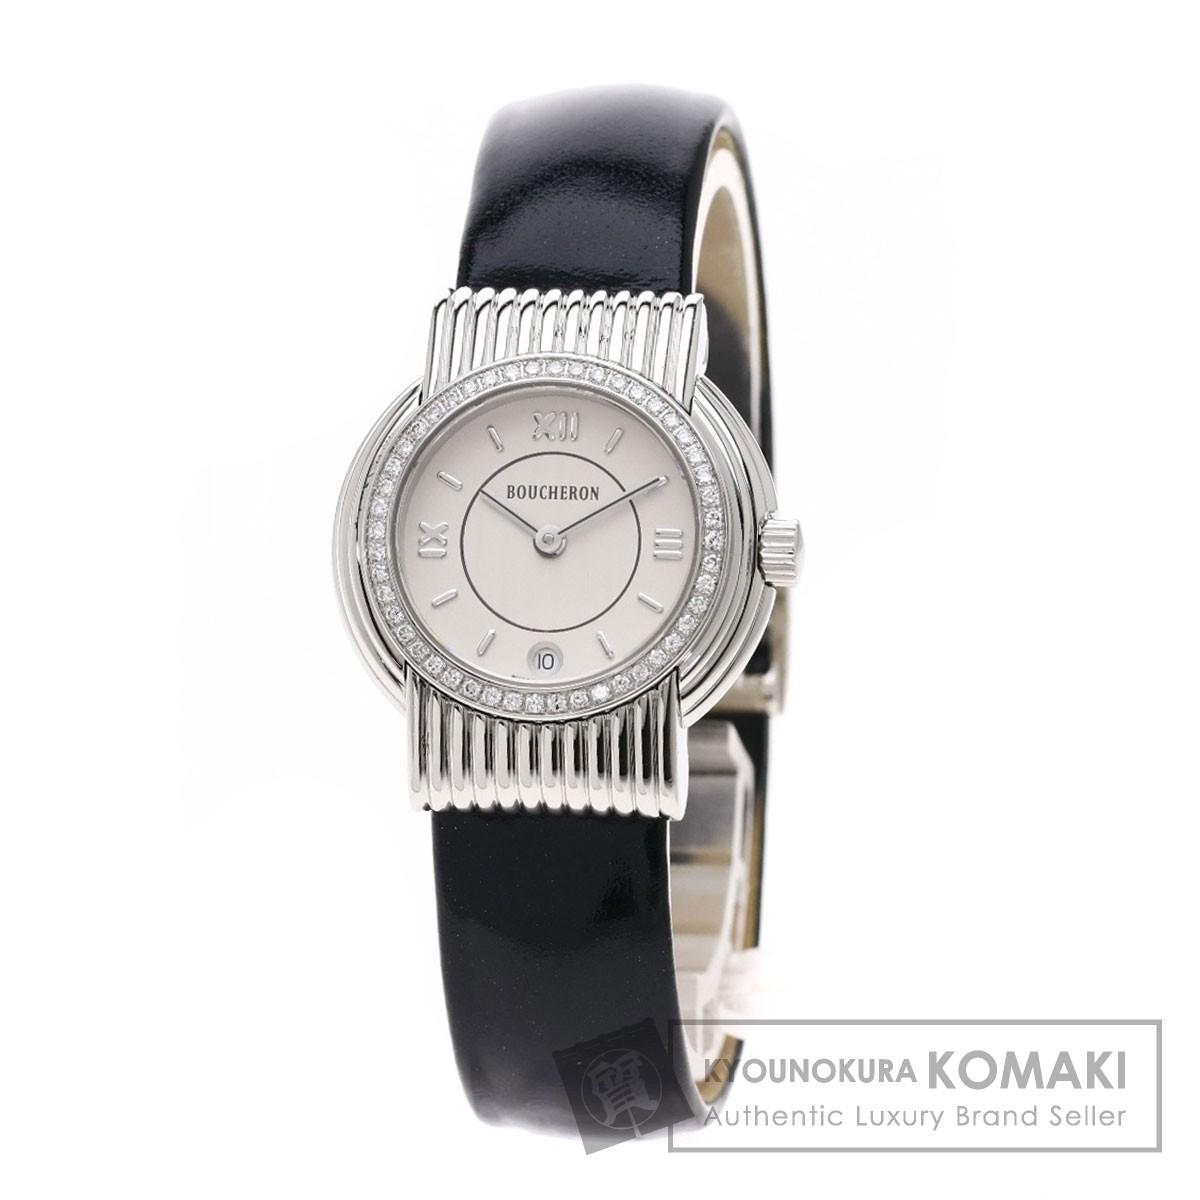 ブシュロン ソリス 腕時計 ステンレススチール/革 レディース 【中古】【Boucheron】